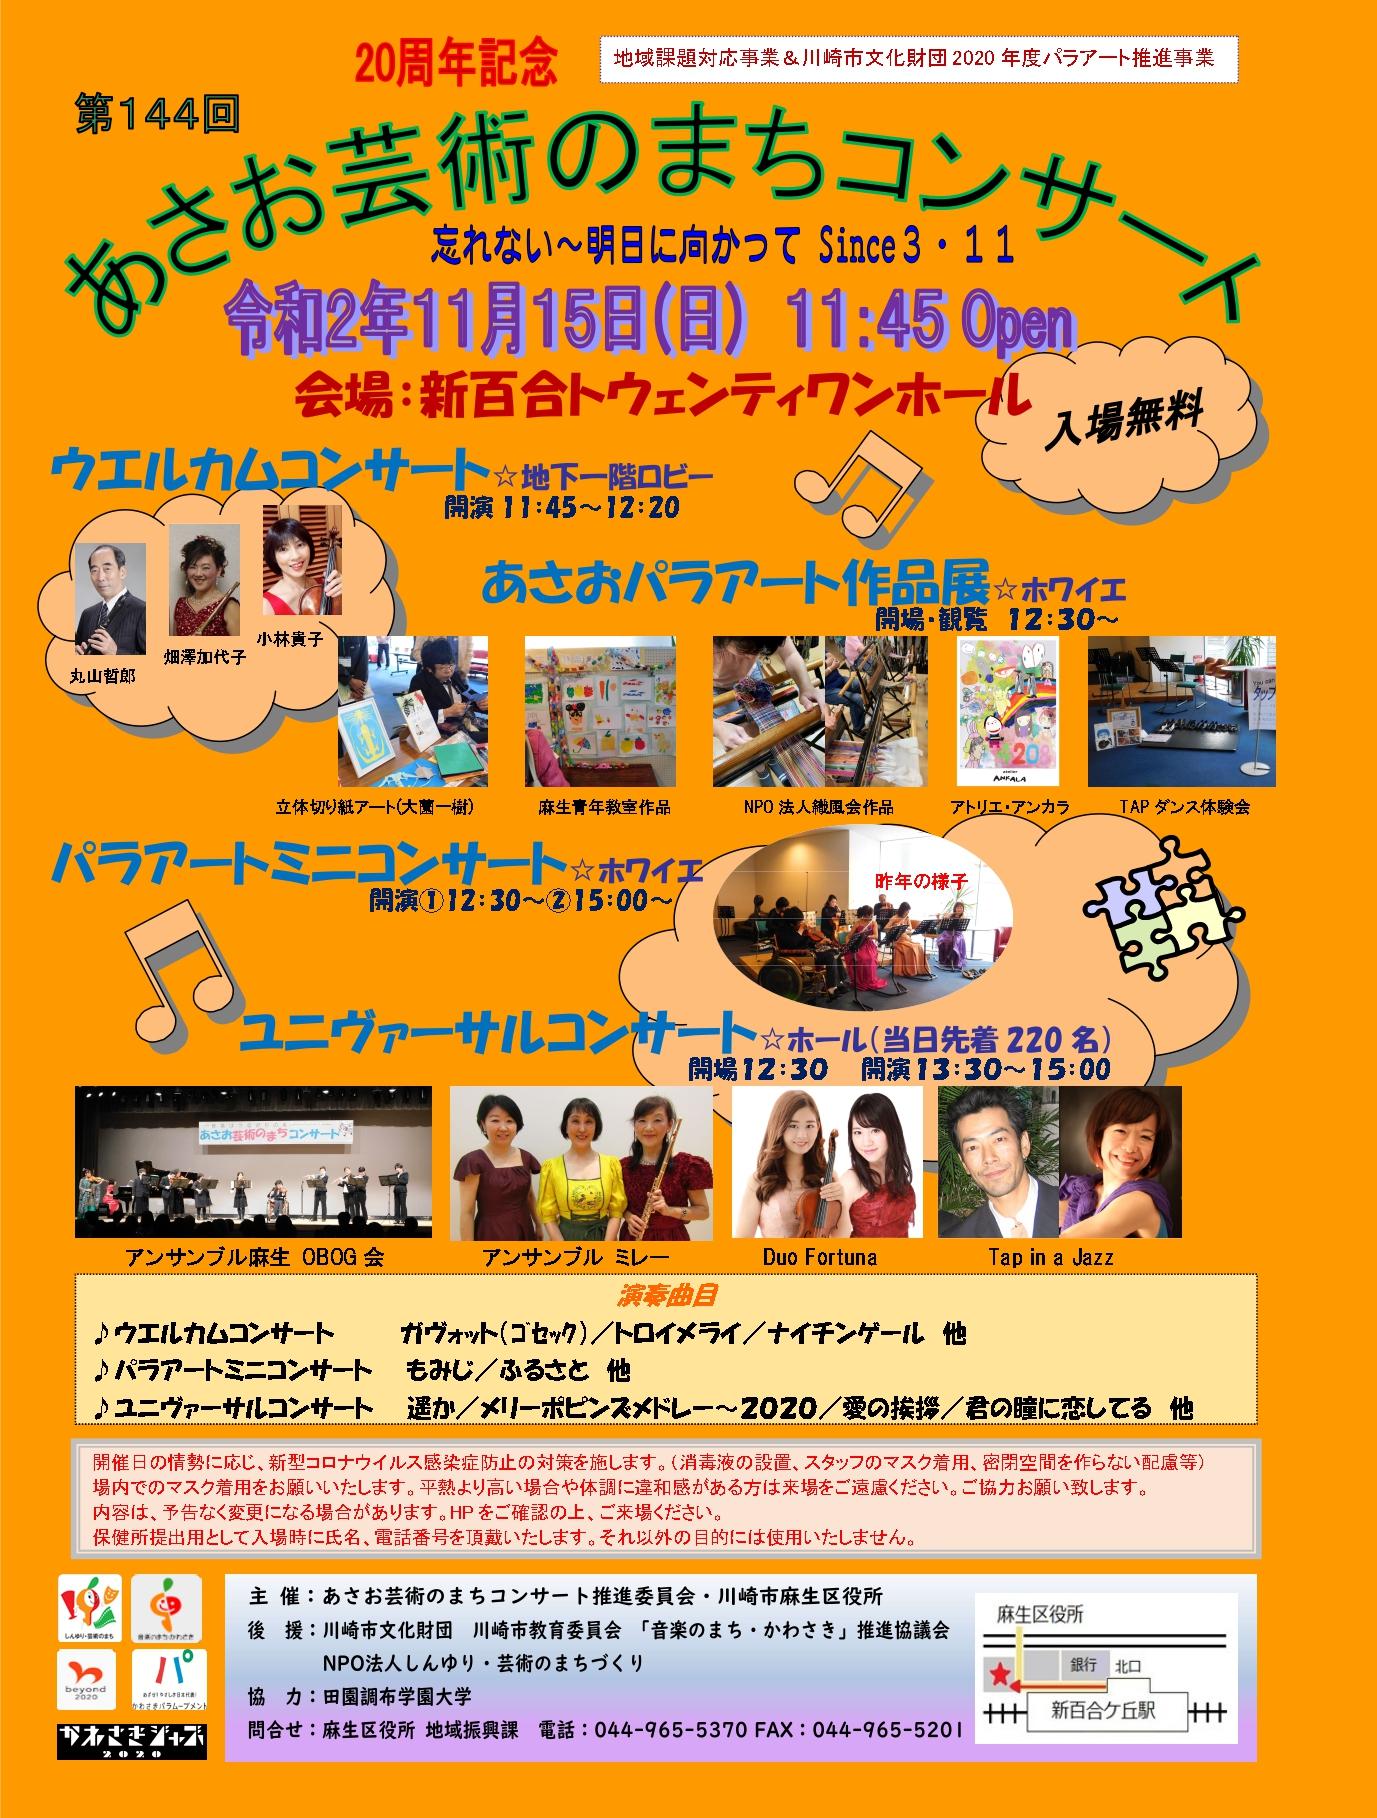 イメージ:第144回あさお芸術のまちコンサート ユニヴァーサルコンサート 同時開催 パラアート作品展&ミニコンサート